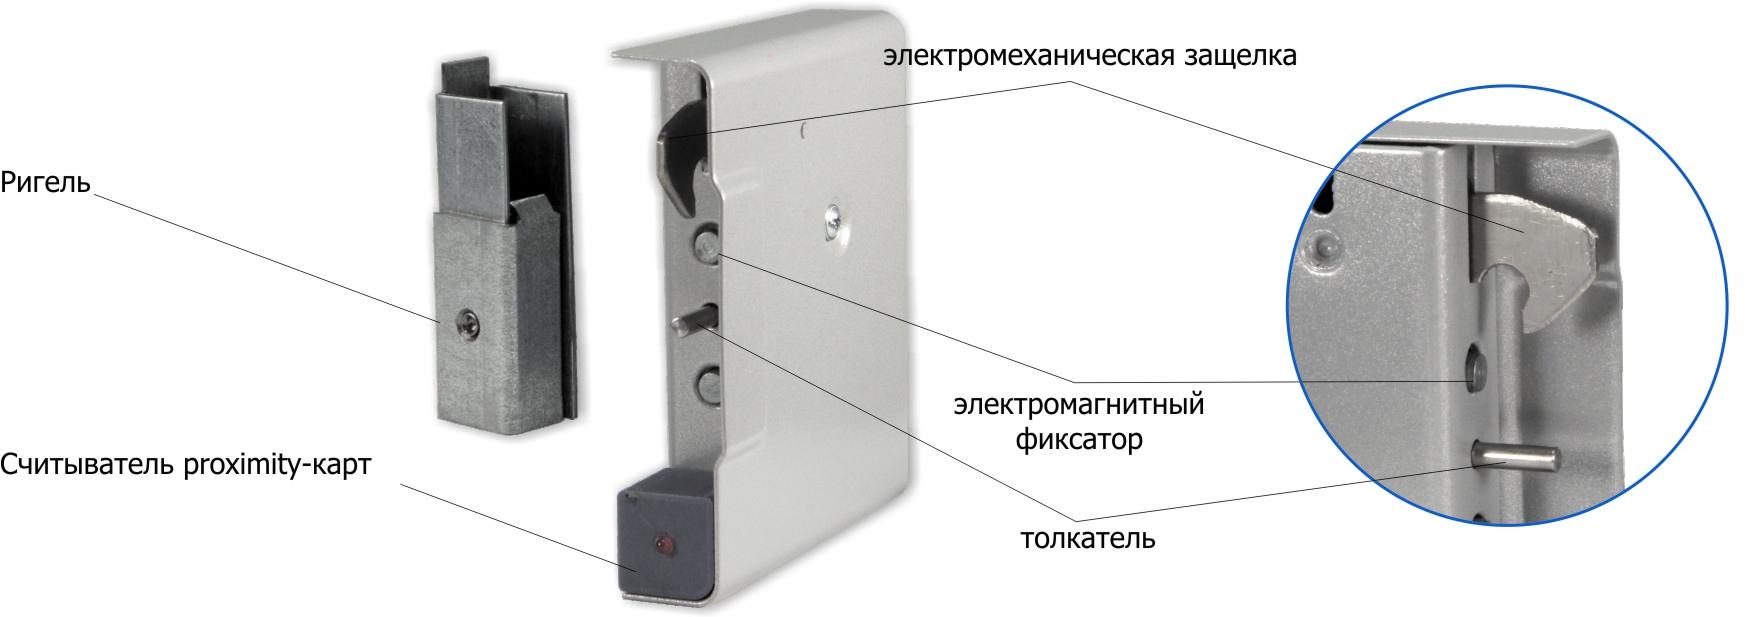 ШЕРИФ-8.2 (НЗ-С) Промикс - Электромеханический замок  - 1